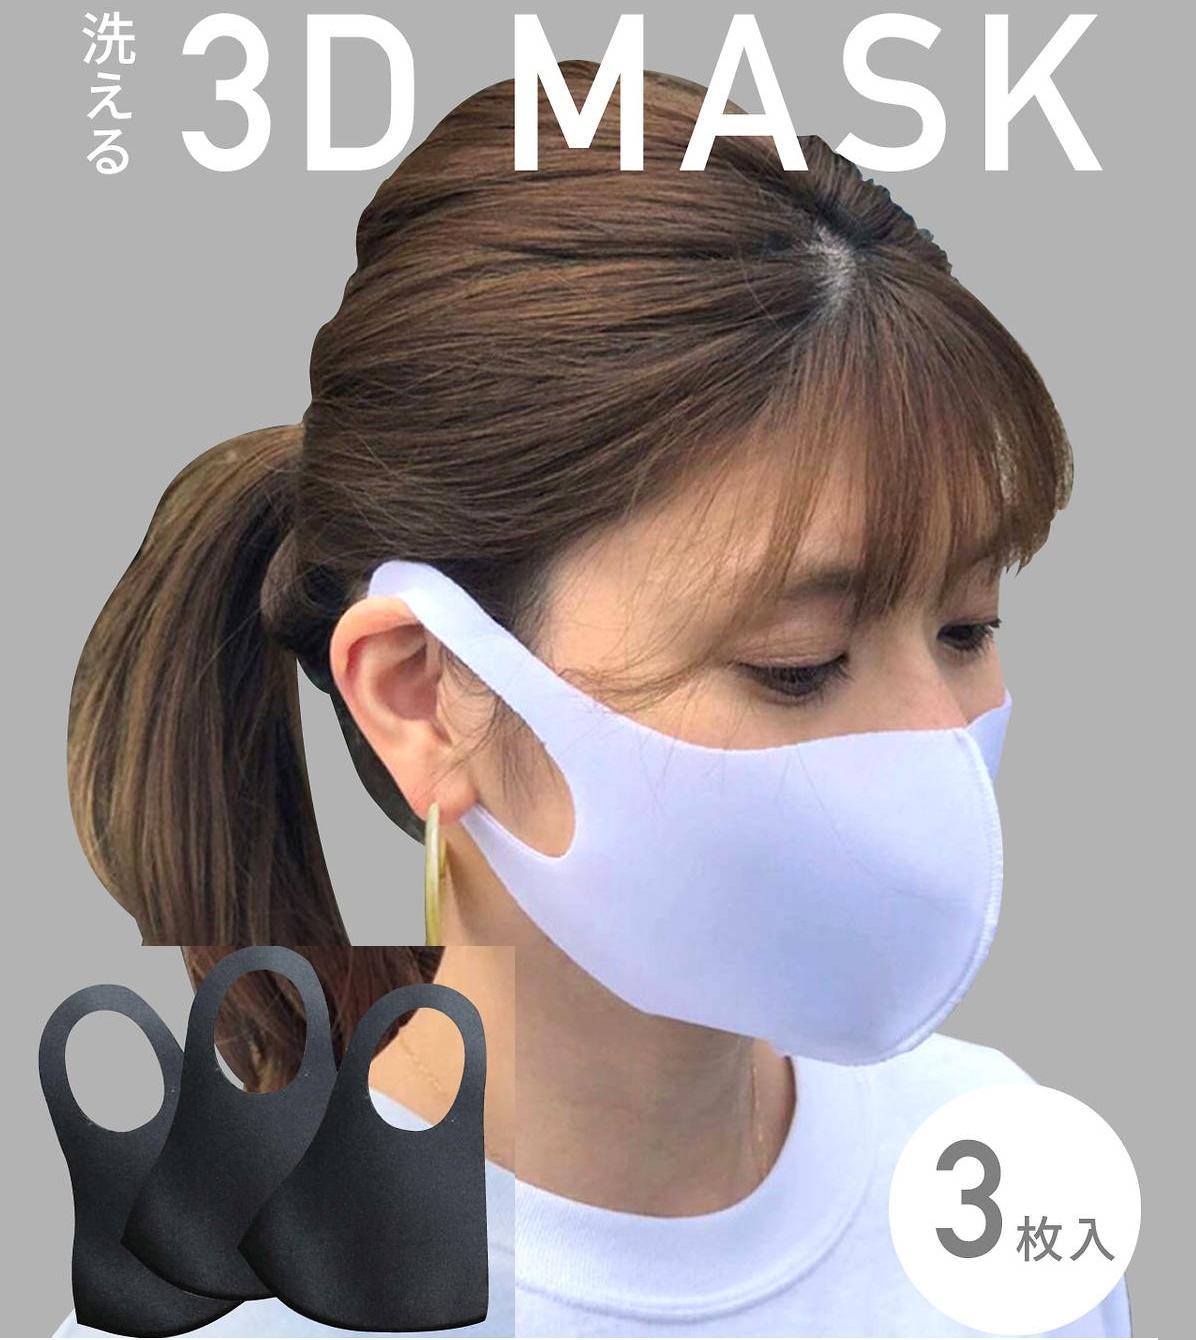 クーポン使用可能【3枚セット】3袋(9枚)まで同一送料!最安値挑戦中 洗える立体3Dマスク スポンジのような新素材 3次元メッシュフィルターでウイルスをガードしUVカット98%